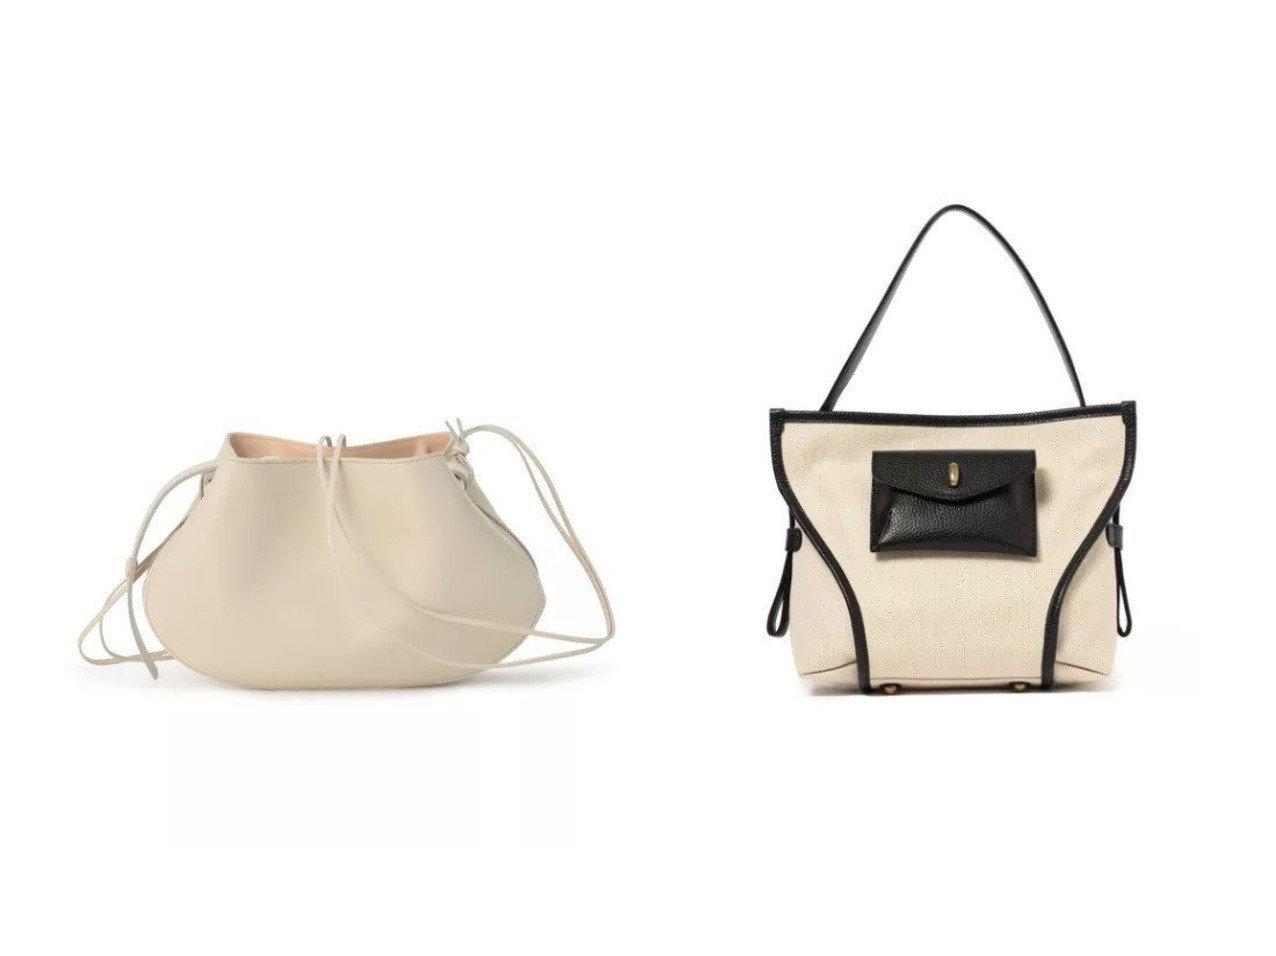 【MARROW/マロウ】のWIND MILL&【Demi-Luxe BEAMS/デミルクス ビームス】のTOFF& ビアキャンバス トートバッグ S バッグ・鞄のおすすめ!人気、トレンド・レディースファッションの通販  おすすめで人気の流行・トレンド、ファッションの通販商品 メンズファッション・キッズファッション・インテリア・家具・レディースファッション・服の通販 founy(ファニー) https://founy.com/ ファッション Fashion レディースファッション WOMEN バッグ Bag A/W 秋冬 Autumn &  Winter ハンドバッグ フォルム ポケット 財布 エレガント オックス キャンバス クラシック 人気 バランス モダン |ID:crp329100000009111